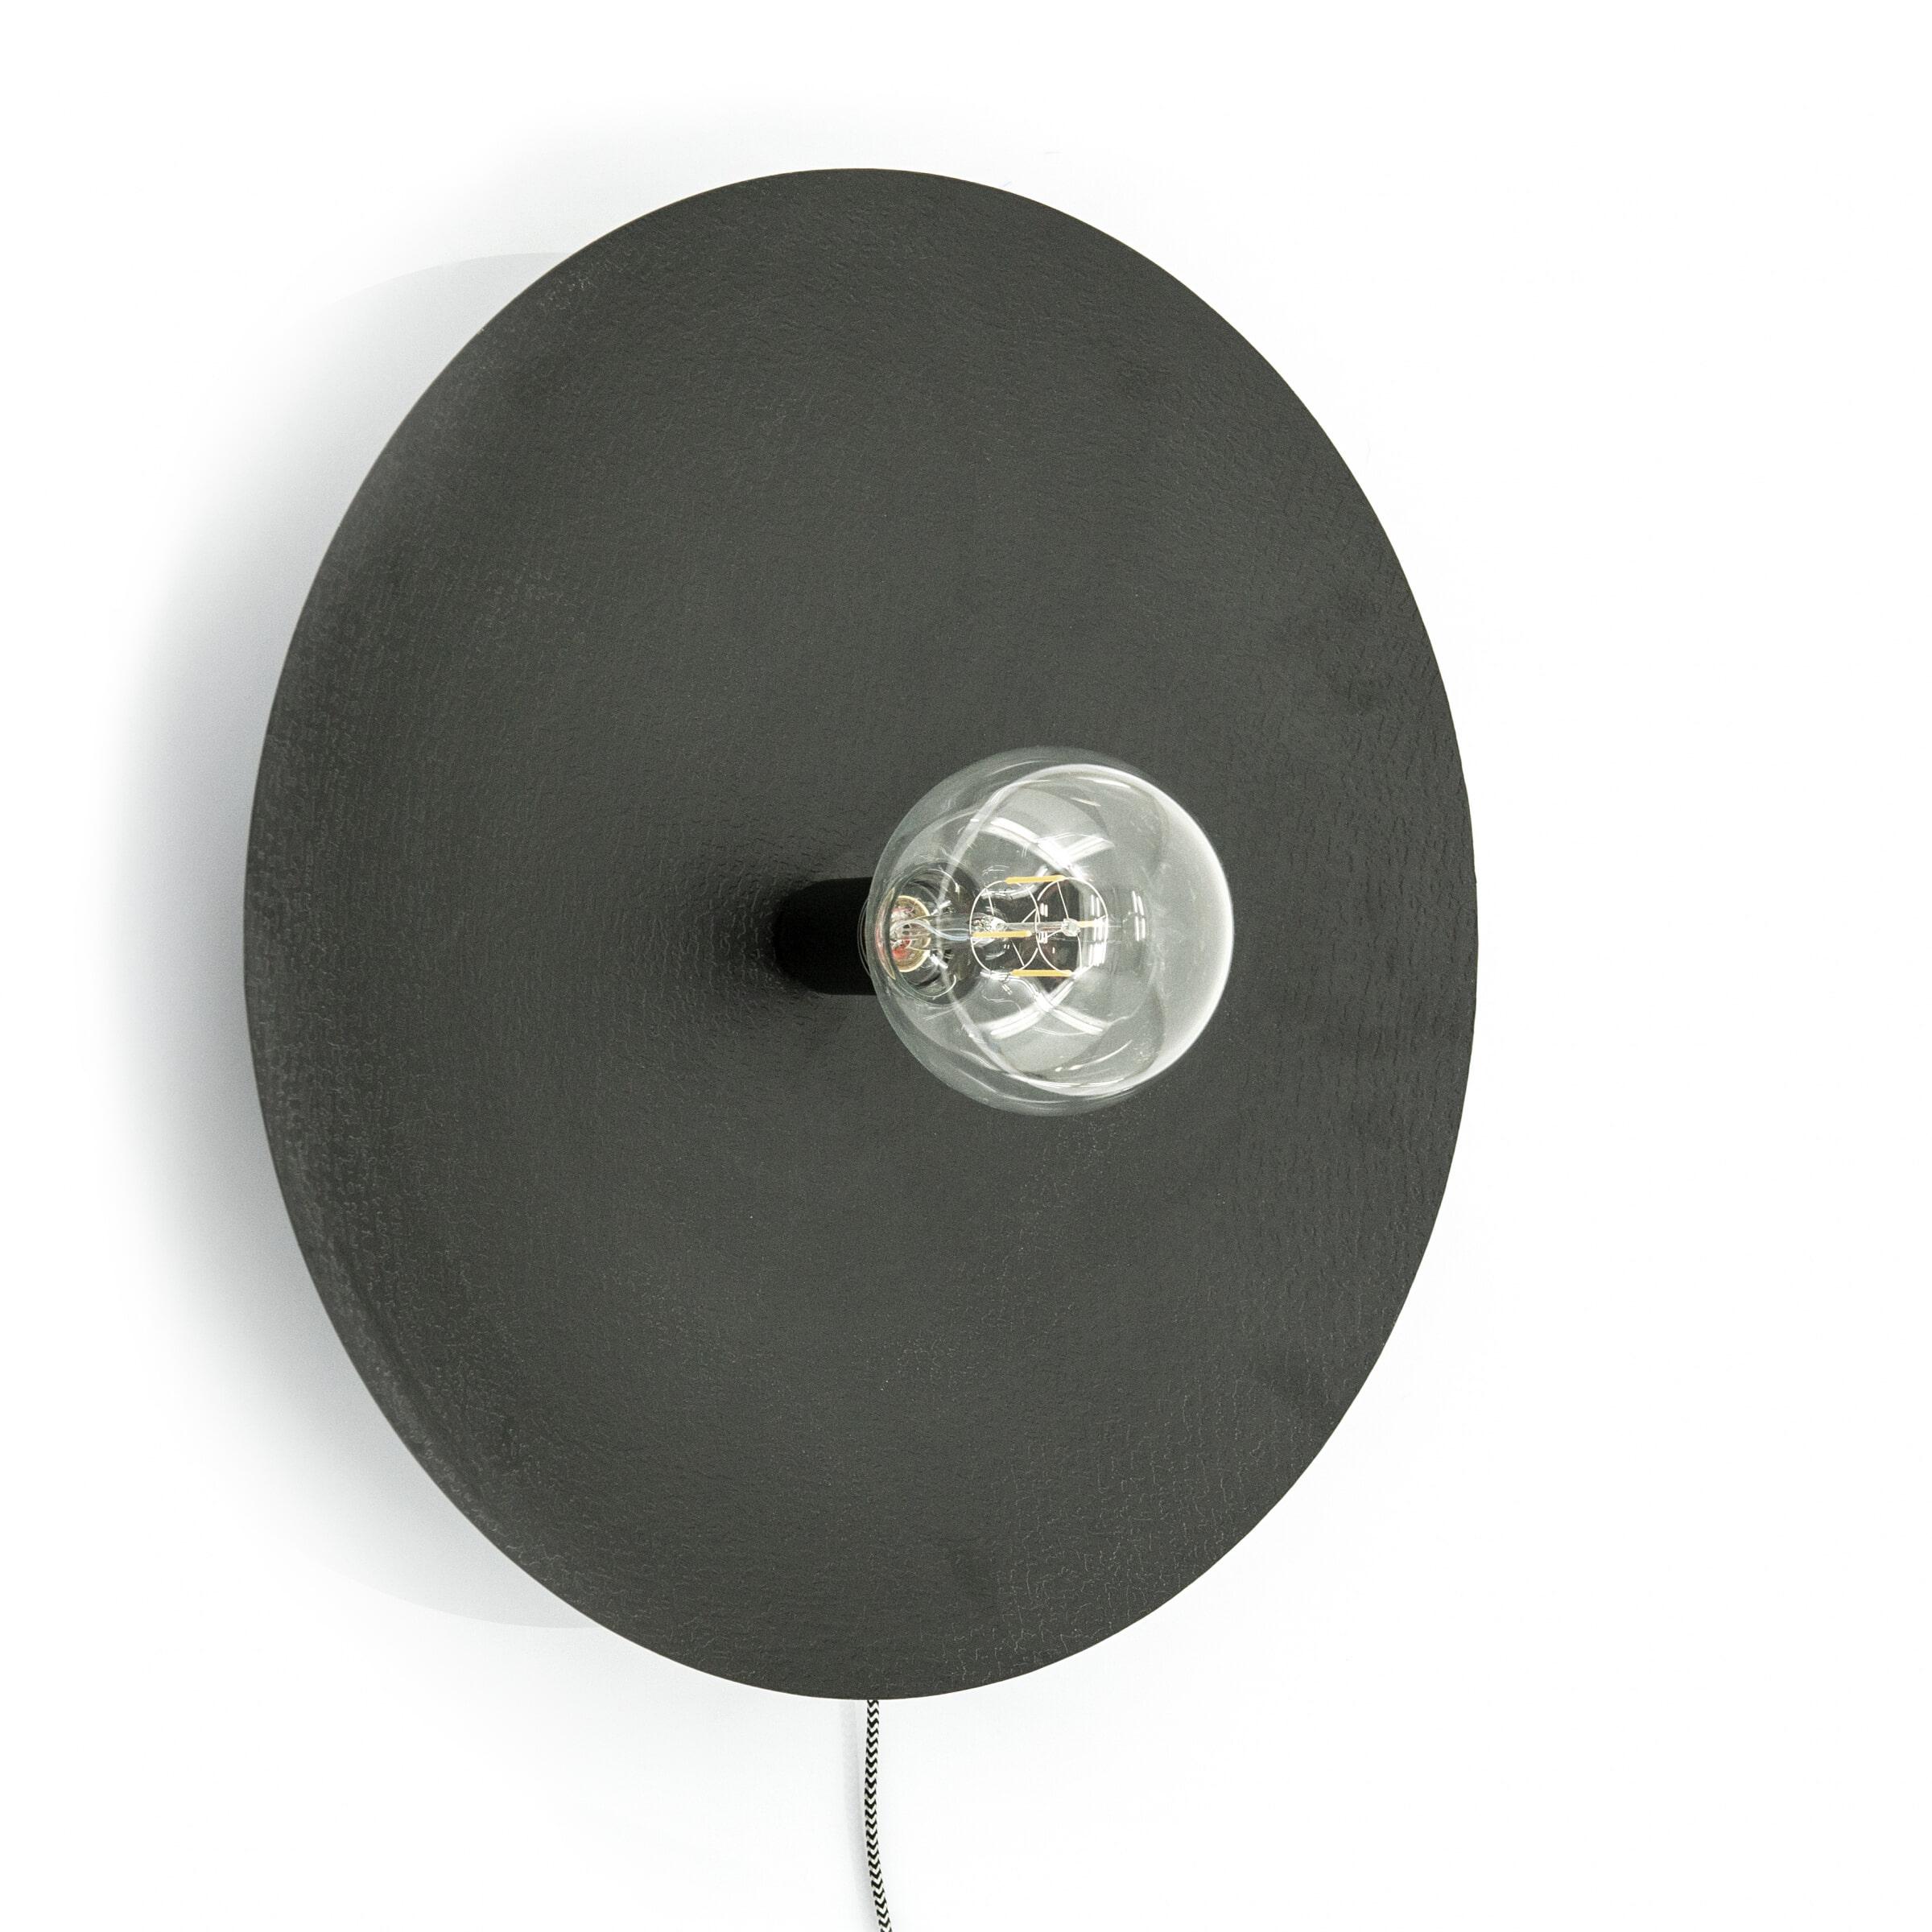 By-Boo Wandlamp 'Horus' Groot, kleur Zwart Verlichting   Wandlampen vergelijken doe je het voordeligst hier bij Meubelpartner